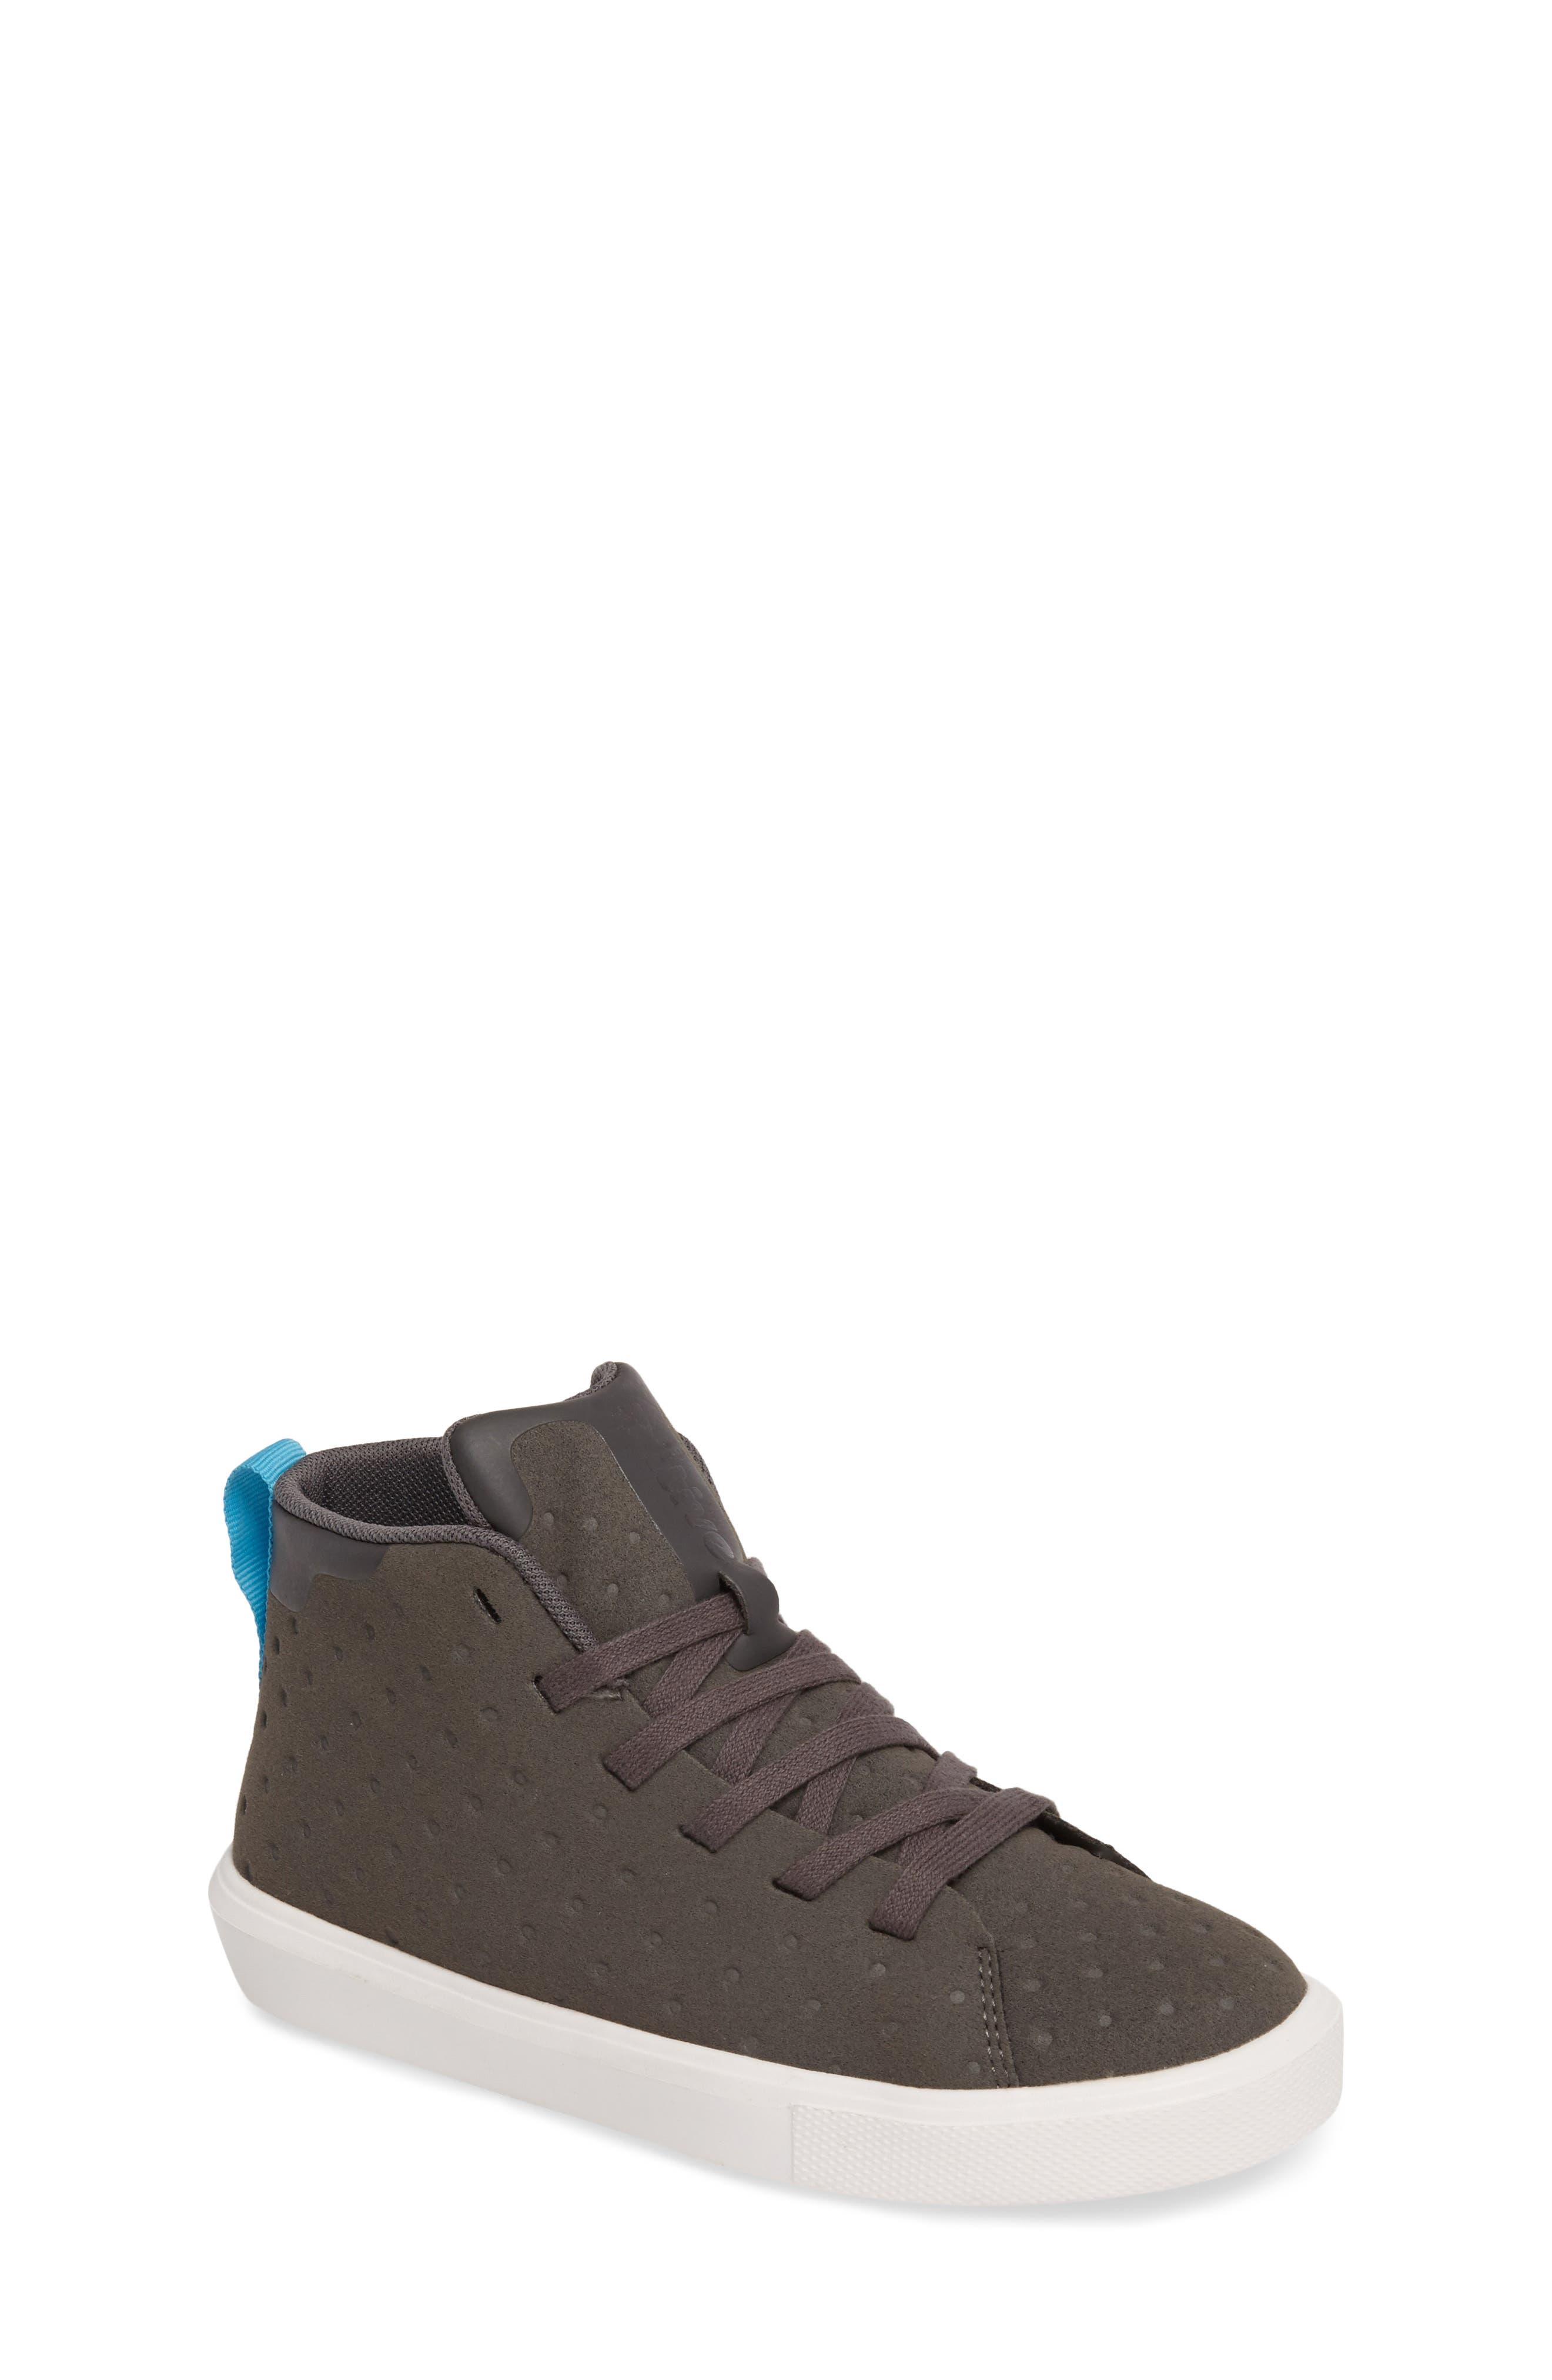 Native Monaco Sneaker,                             Main thumbnail 1, color,                             024